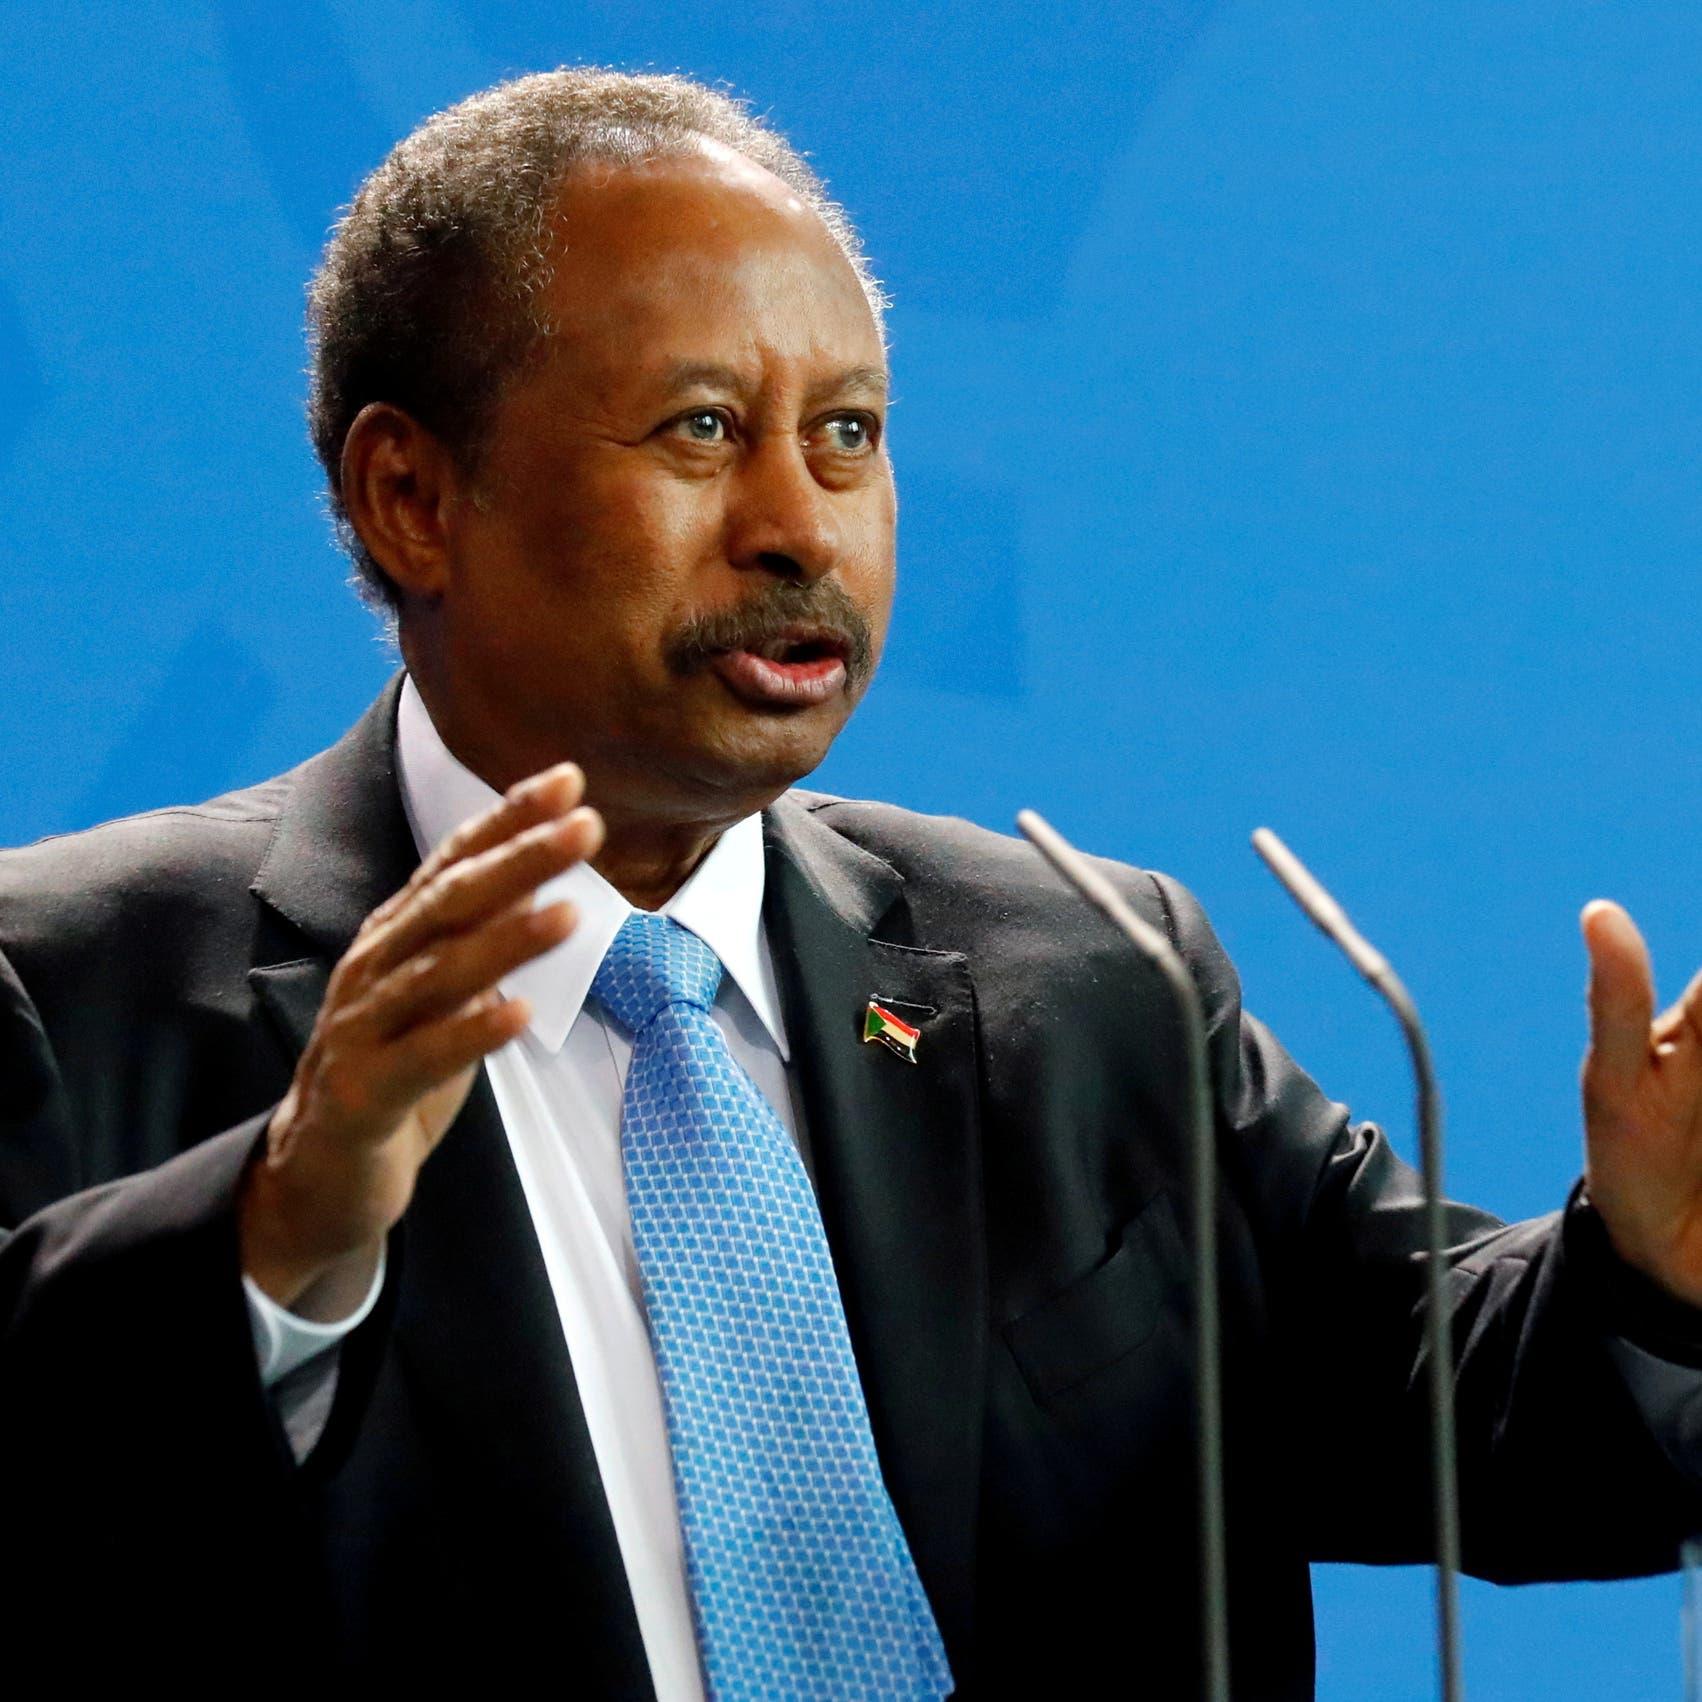 رئيس الوزراء: السودان بلد غني للغاية.. نريد استثمارات ولا نريد صدقات